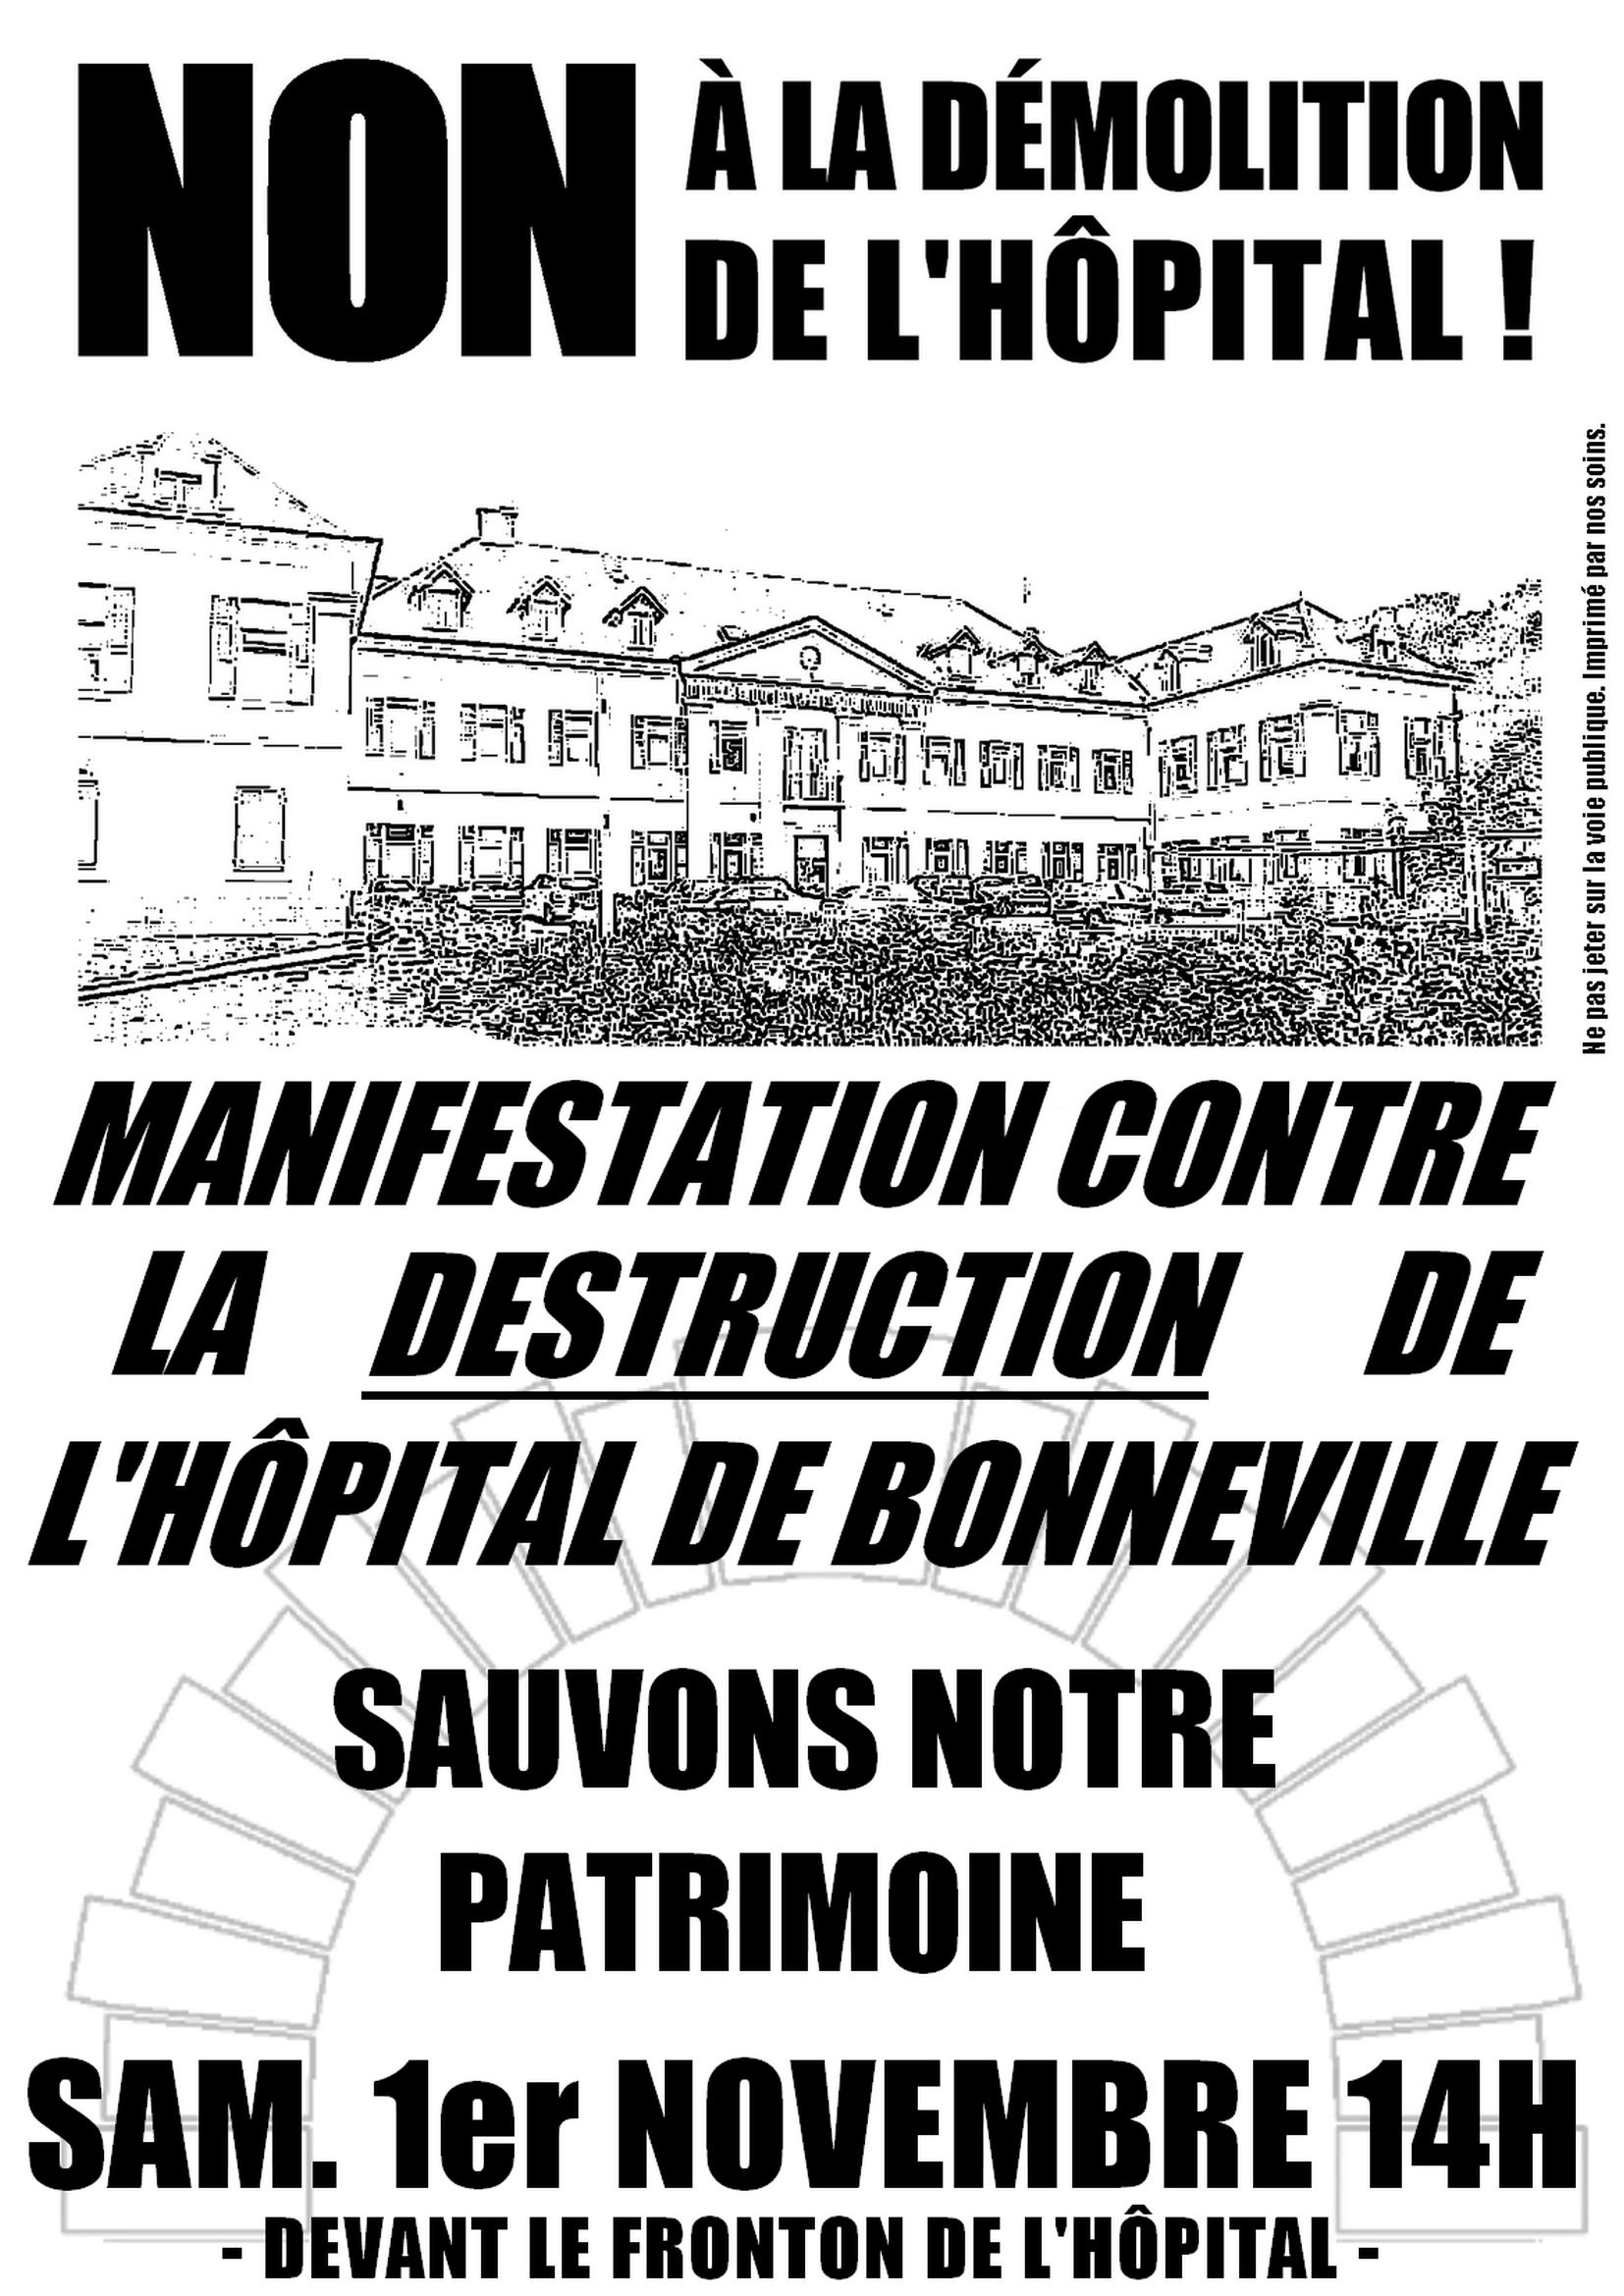 Affiches Hôpital Bonneville 2014